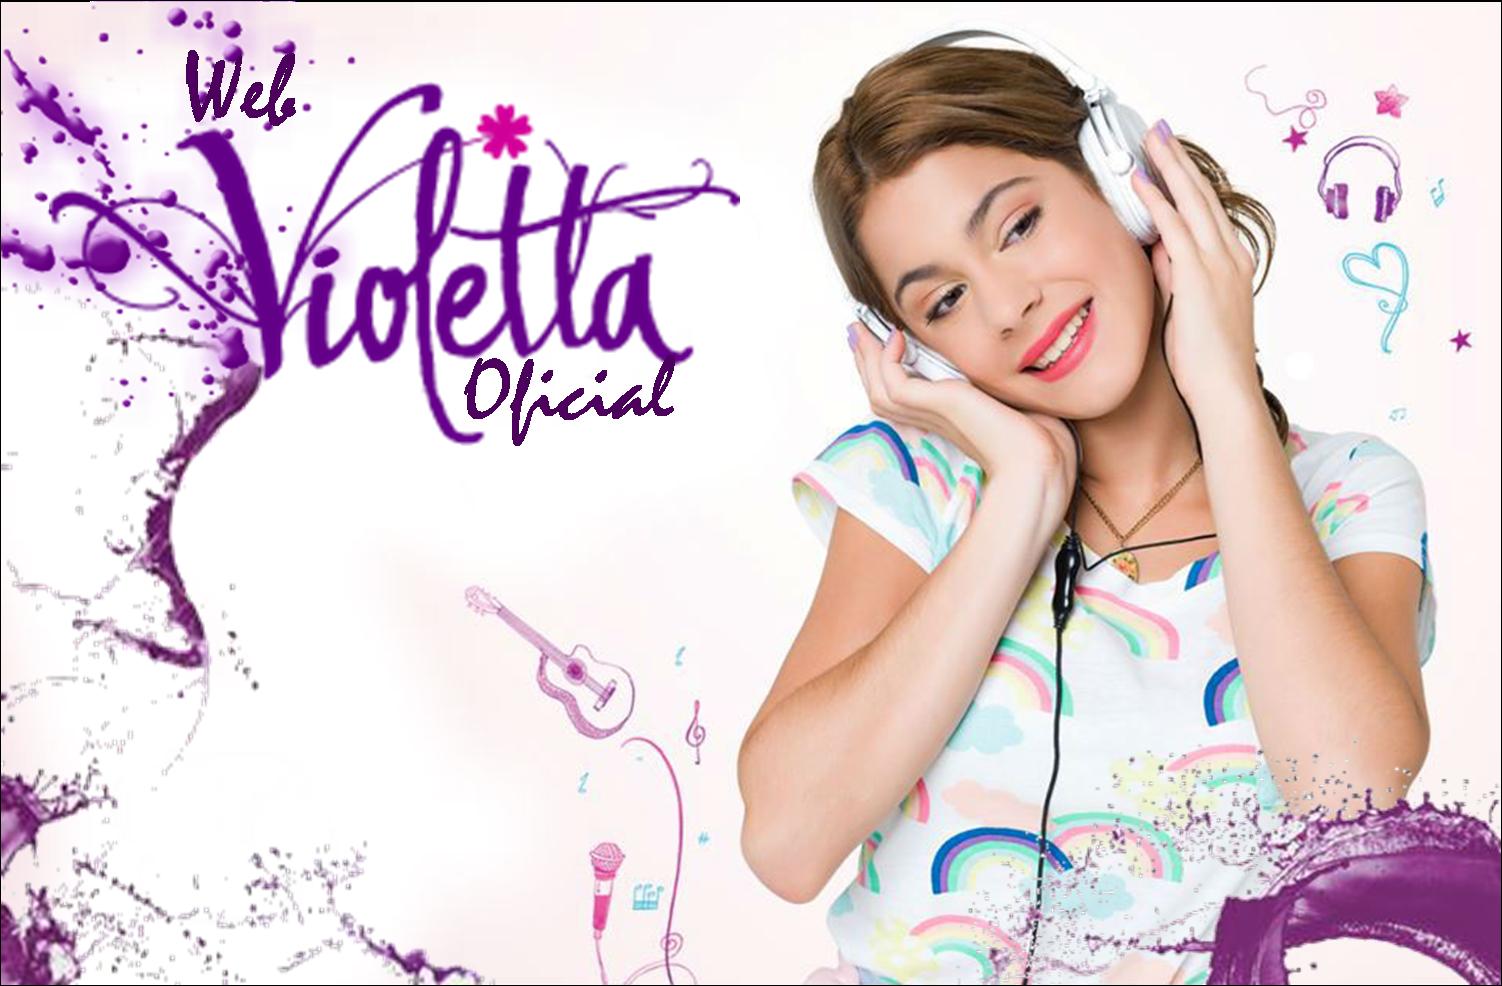 Web Violetta Oficial: Descargas